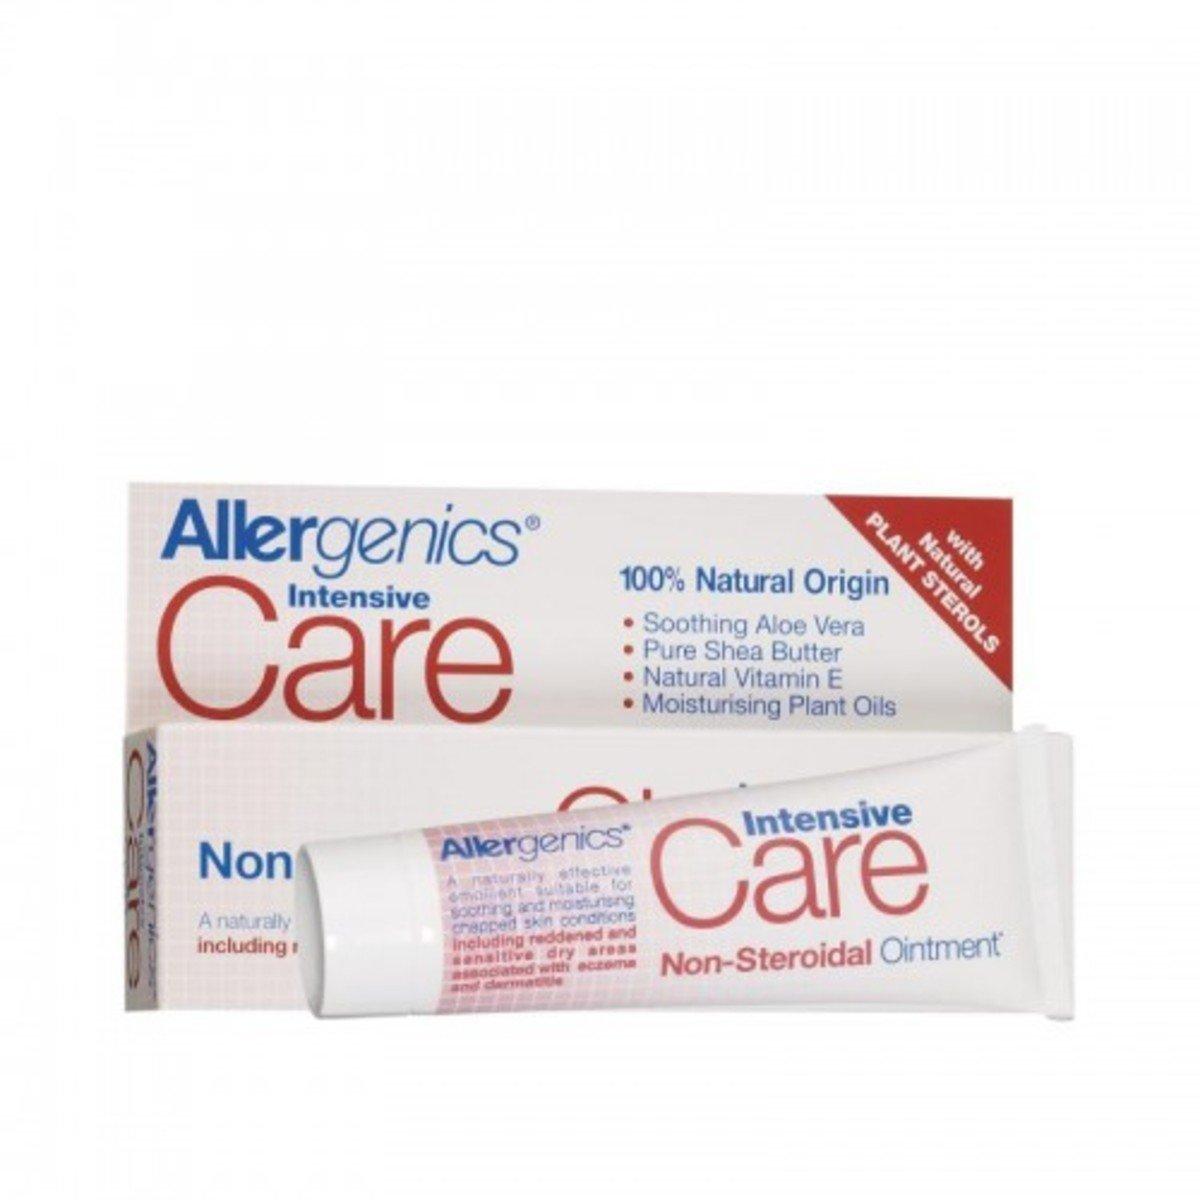 純天然防敏感濕疹軟膏